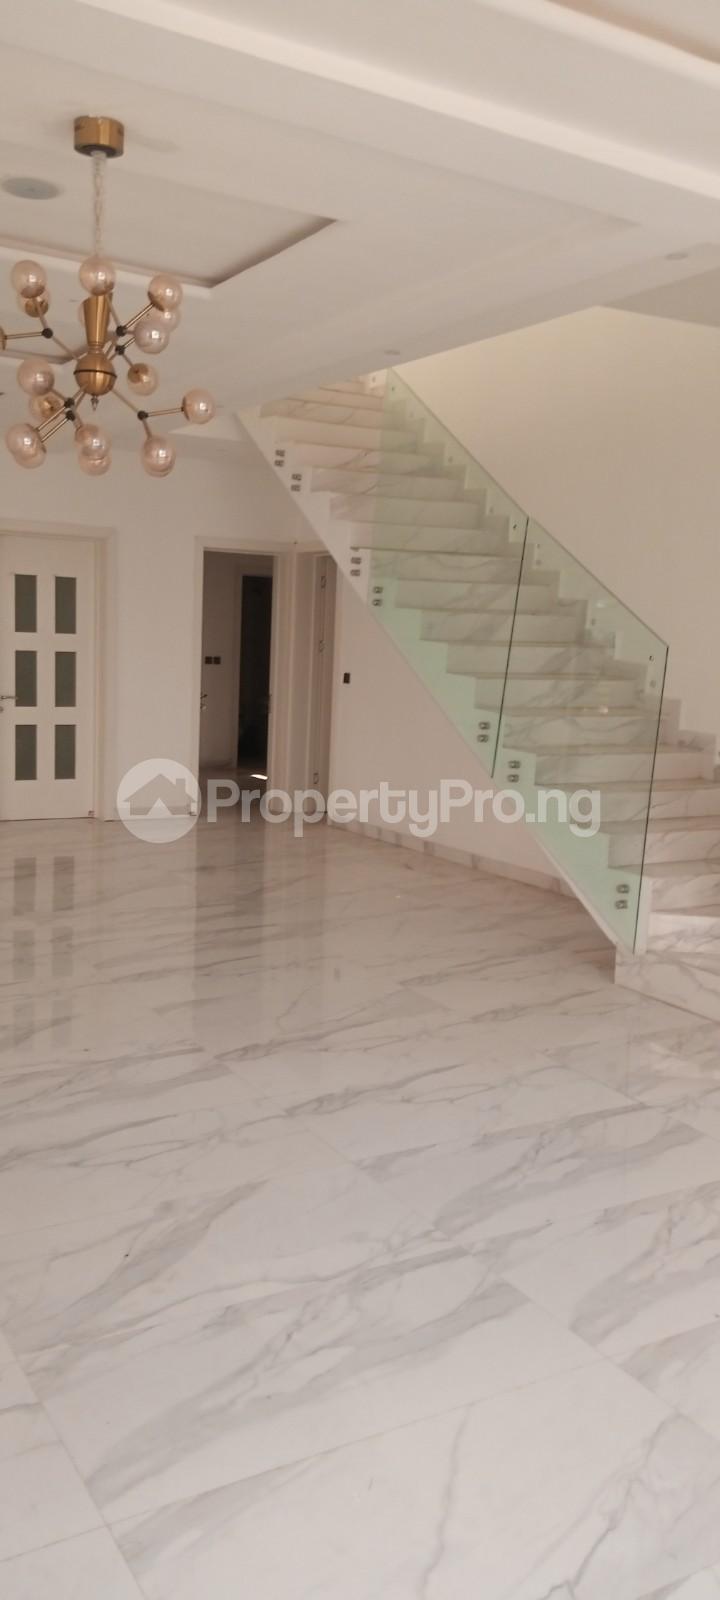 5 bedroom Detached Duplex for sale Megamound Estate, Lekki County Homes, Ikota Lekki Lagos - 7